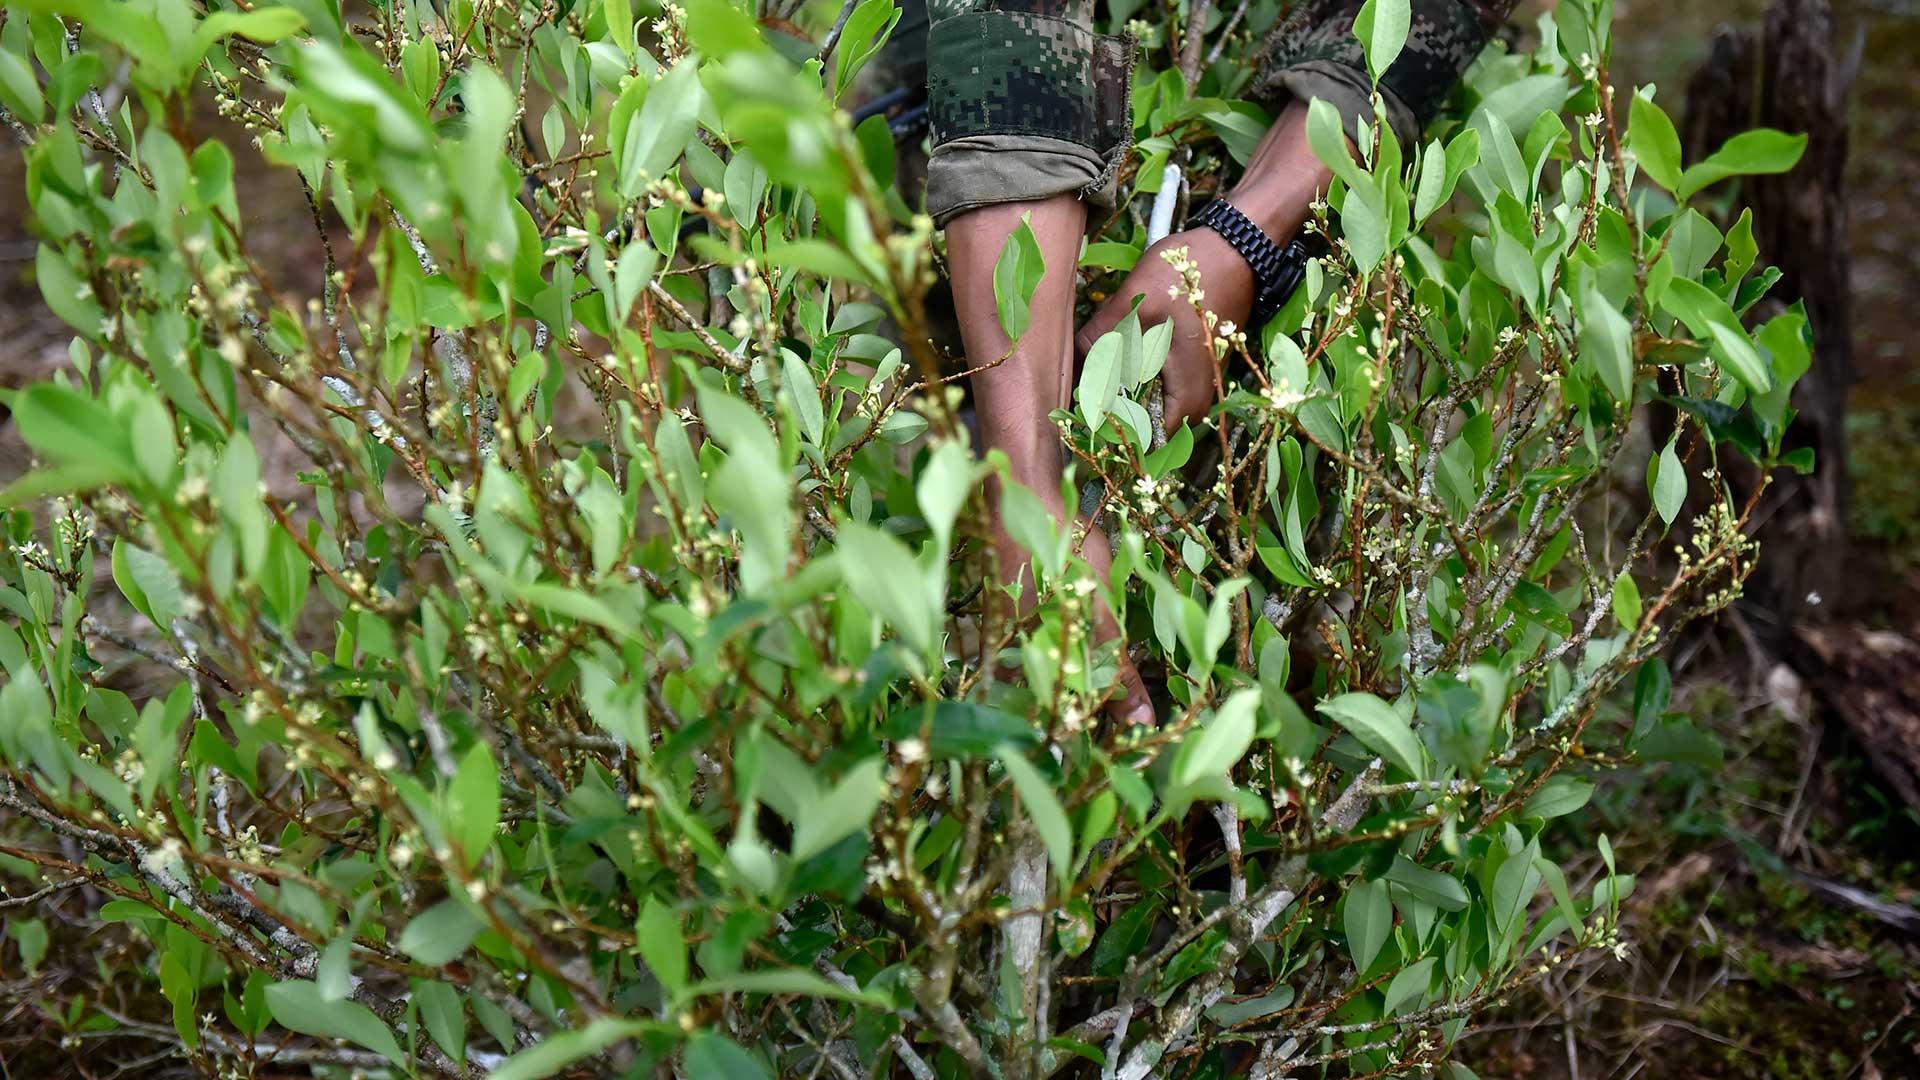 Cultivo de hoja de coca, una de las causas del conflicto armado en Colombia